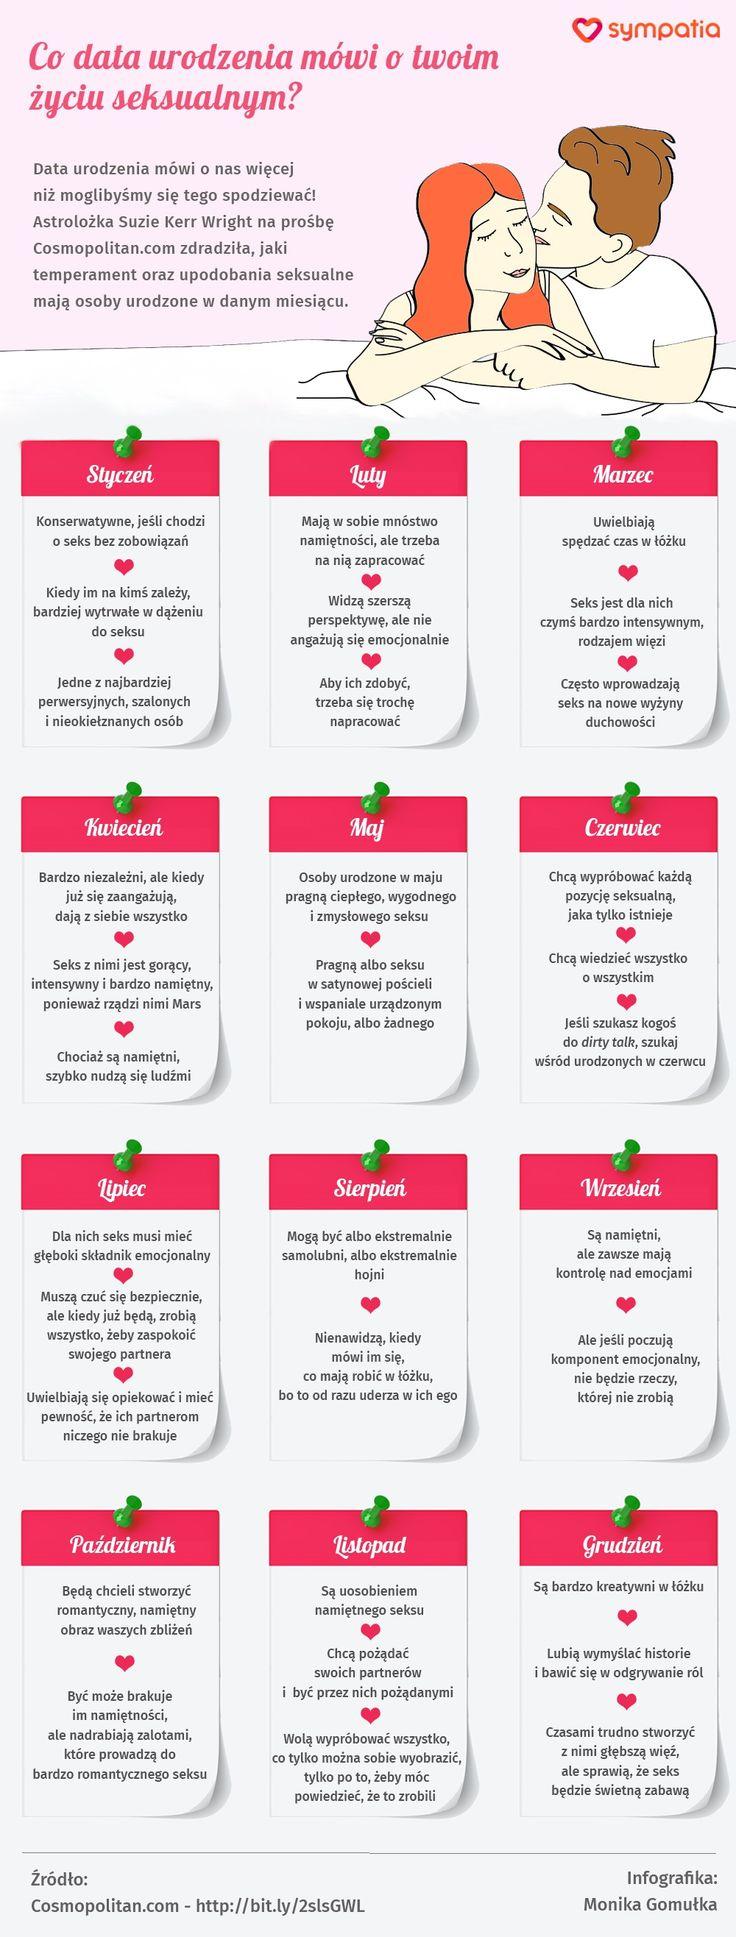 Co twoja data urodzenia mówi o twoim życiu seksualnym? Infografika